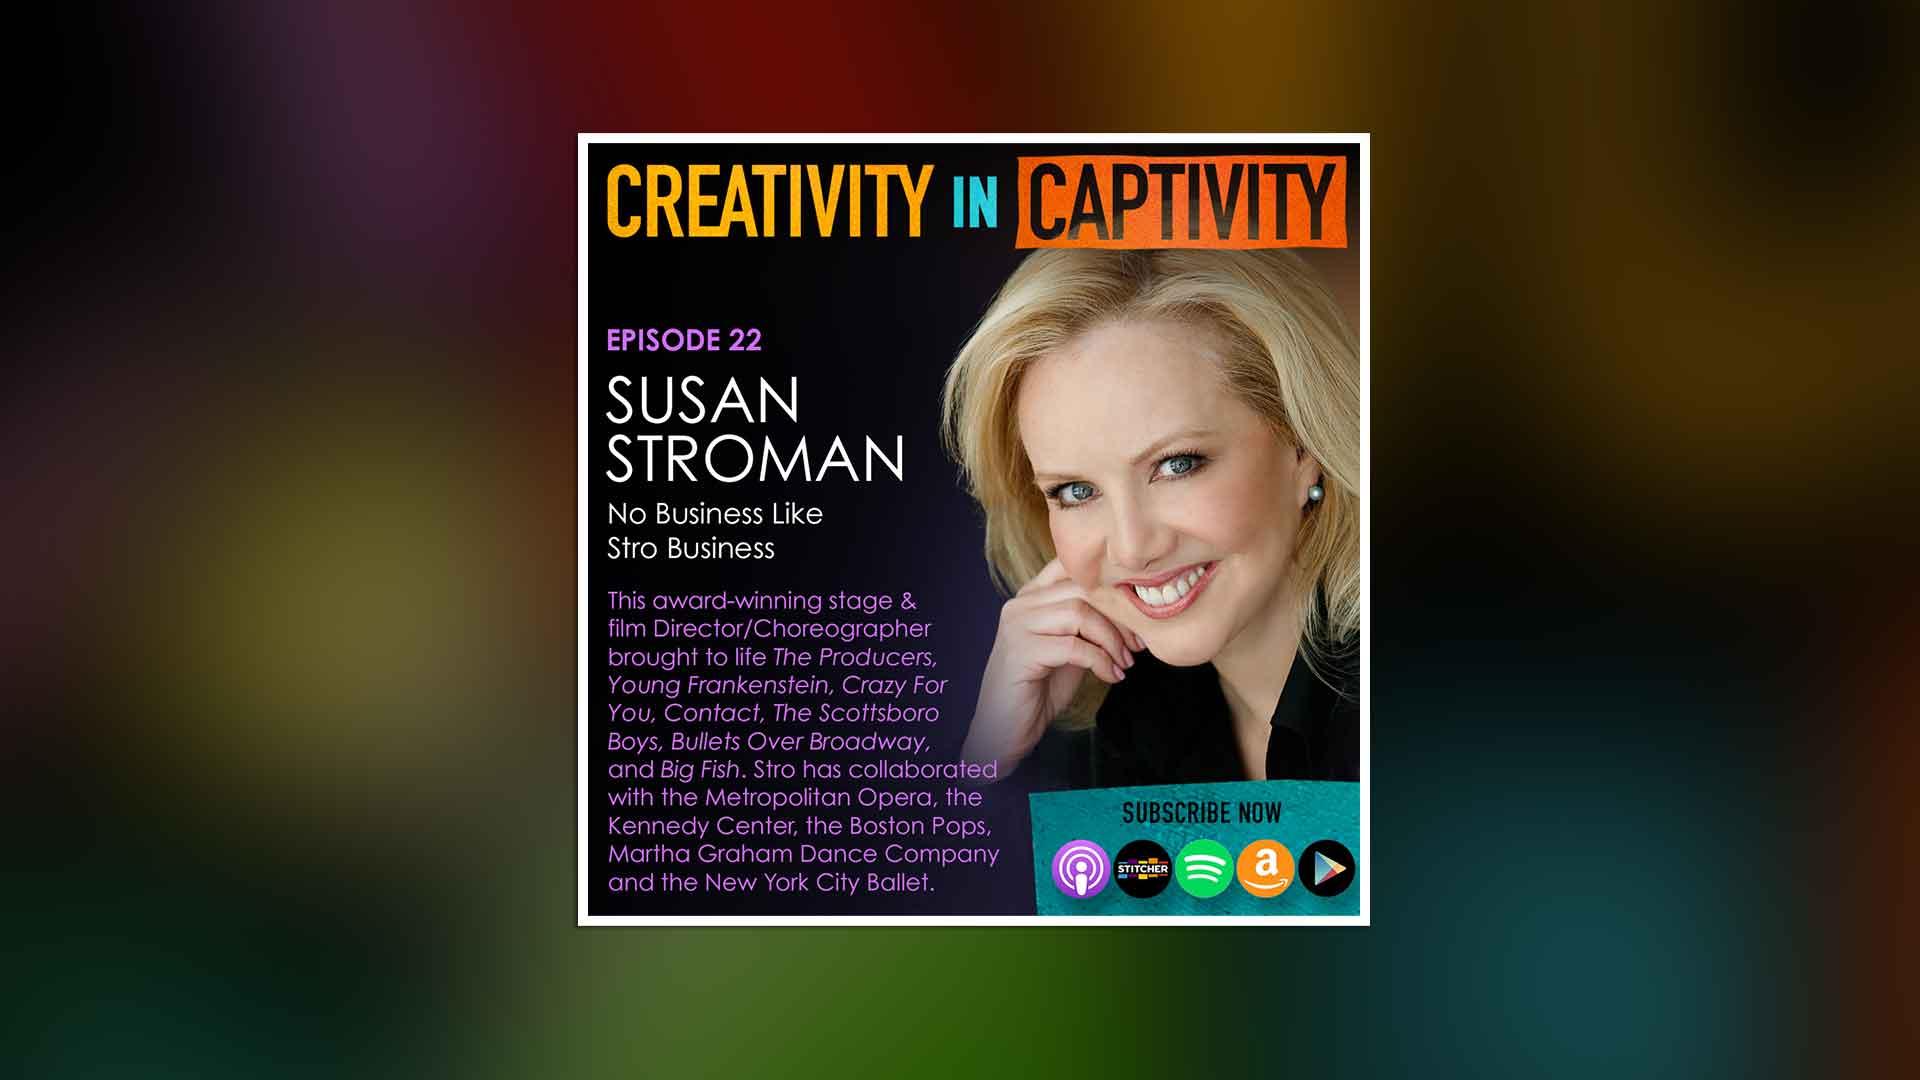 Creativity in Captivity